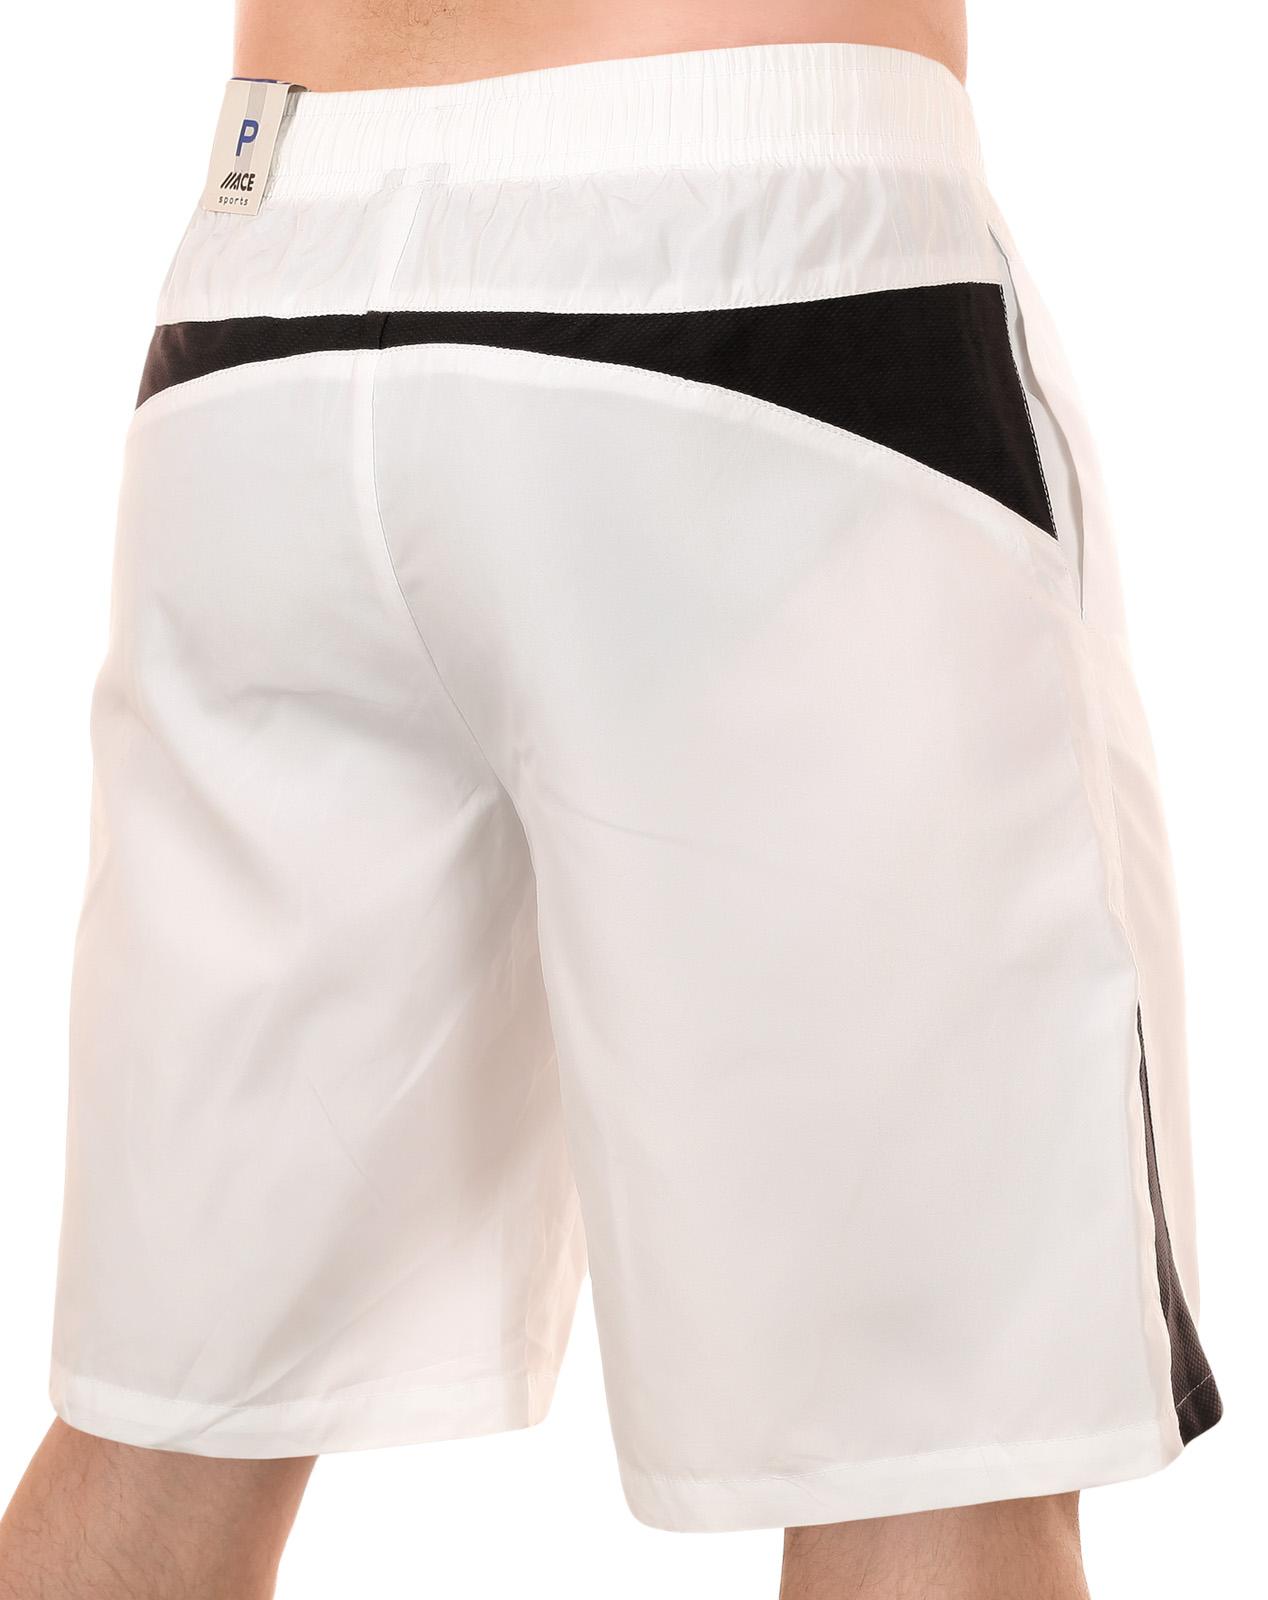 Чёткие шорты в подарок брательнику от бренда MACEпо выгодной цене